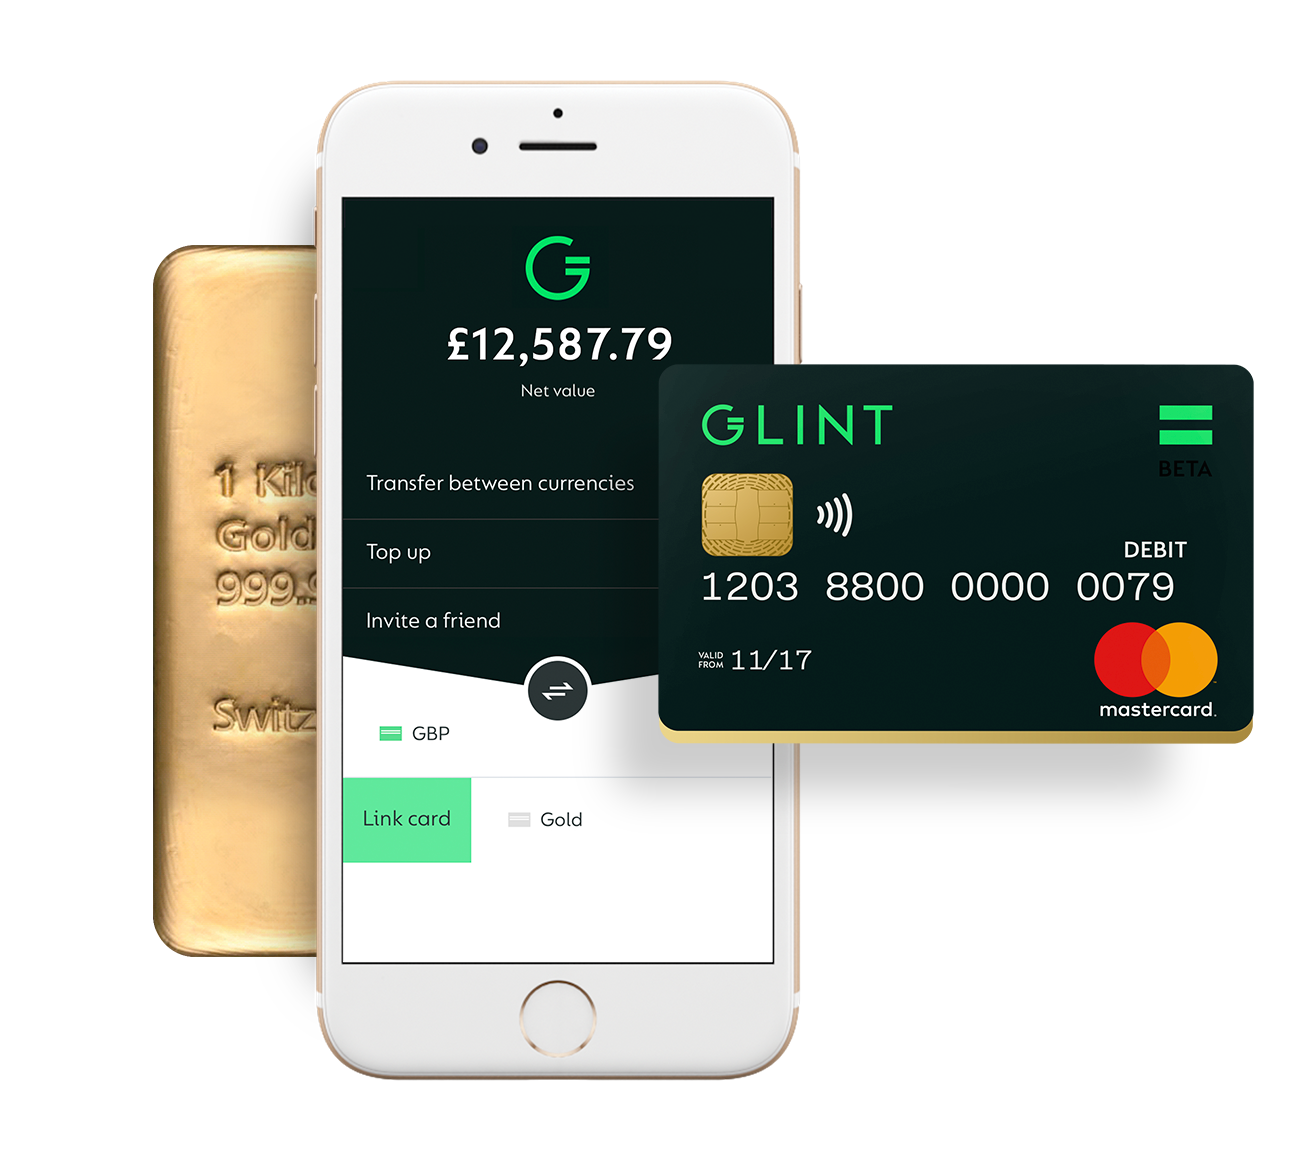 出典: https://glintpay.com/money-safe-bank/